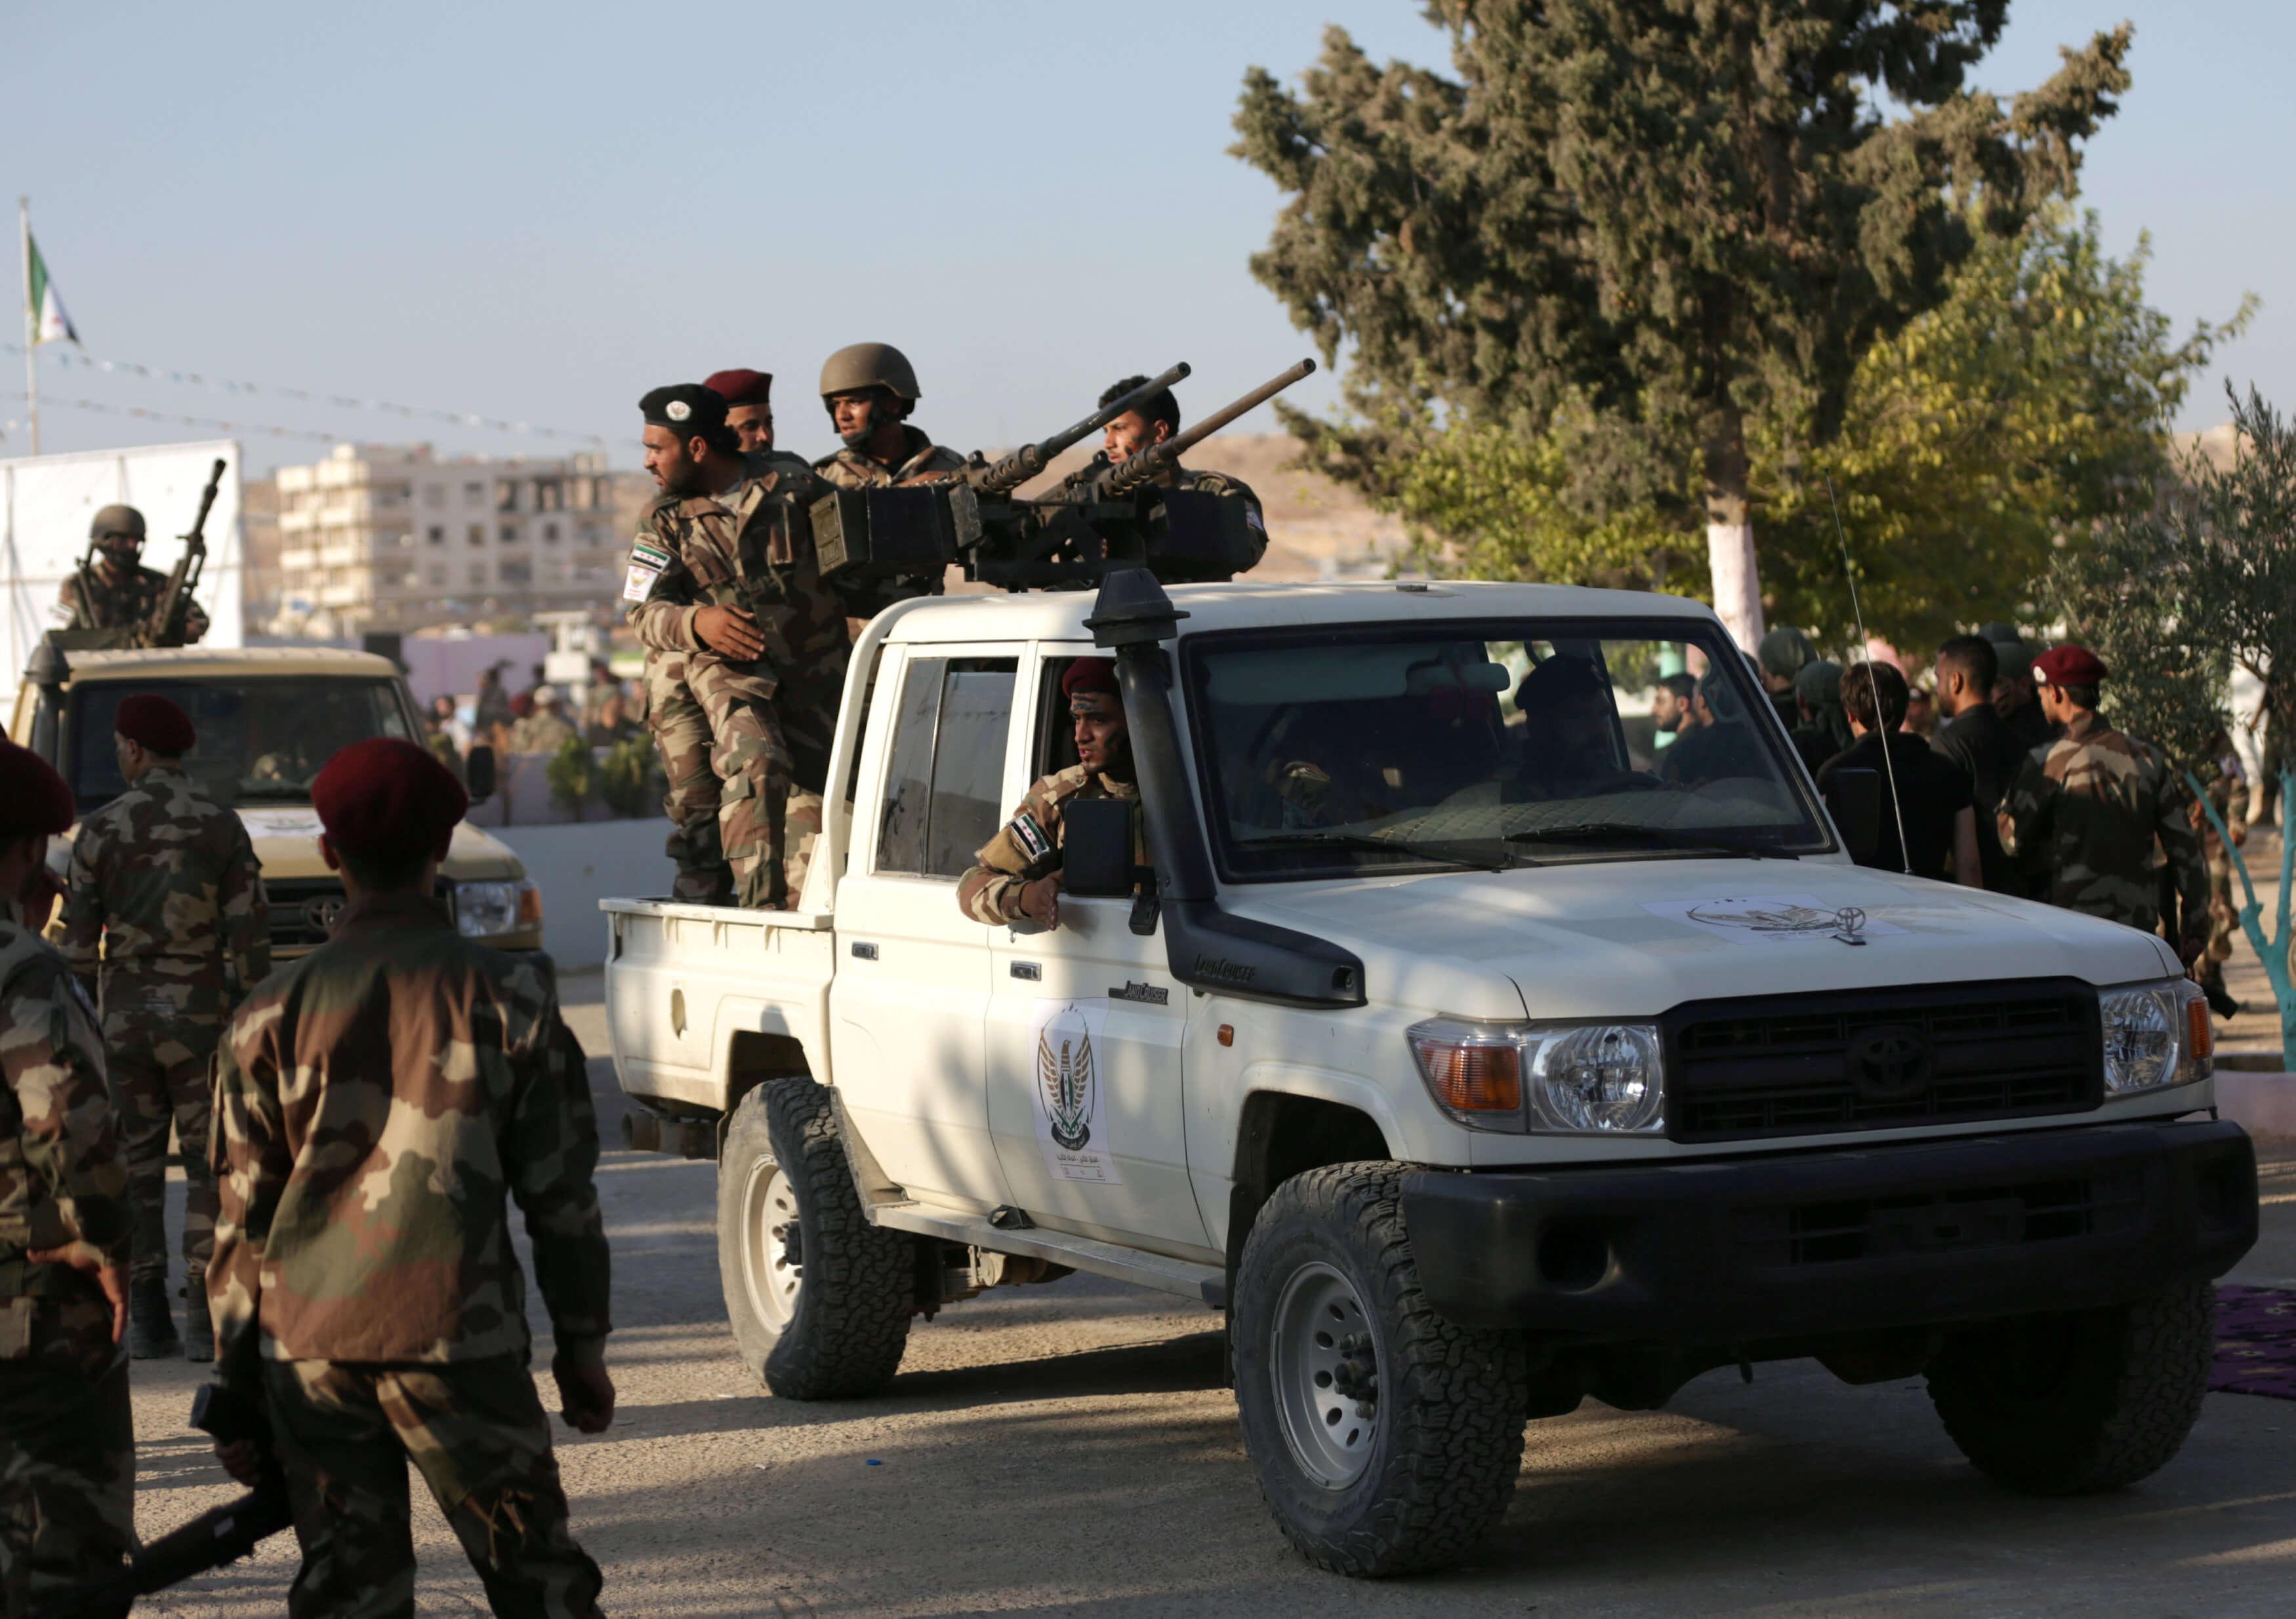 Η Άγκυρα εξοπλίζει Σύρους αντάρτες για να απωθήσουν τις δυνάμεις της Δαμασκού